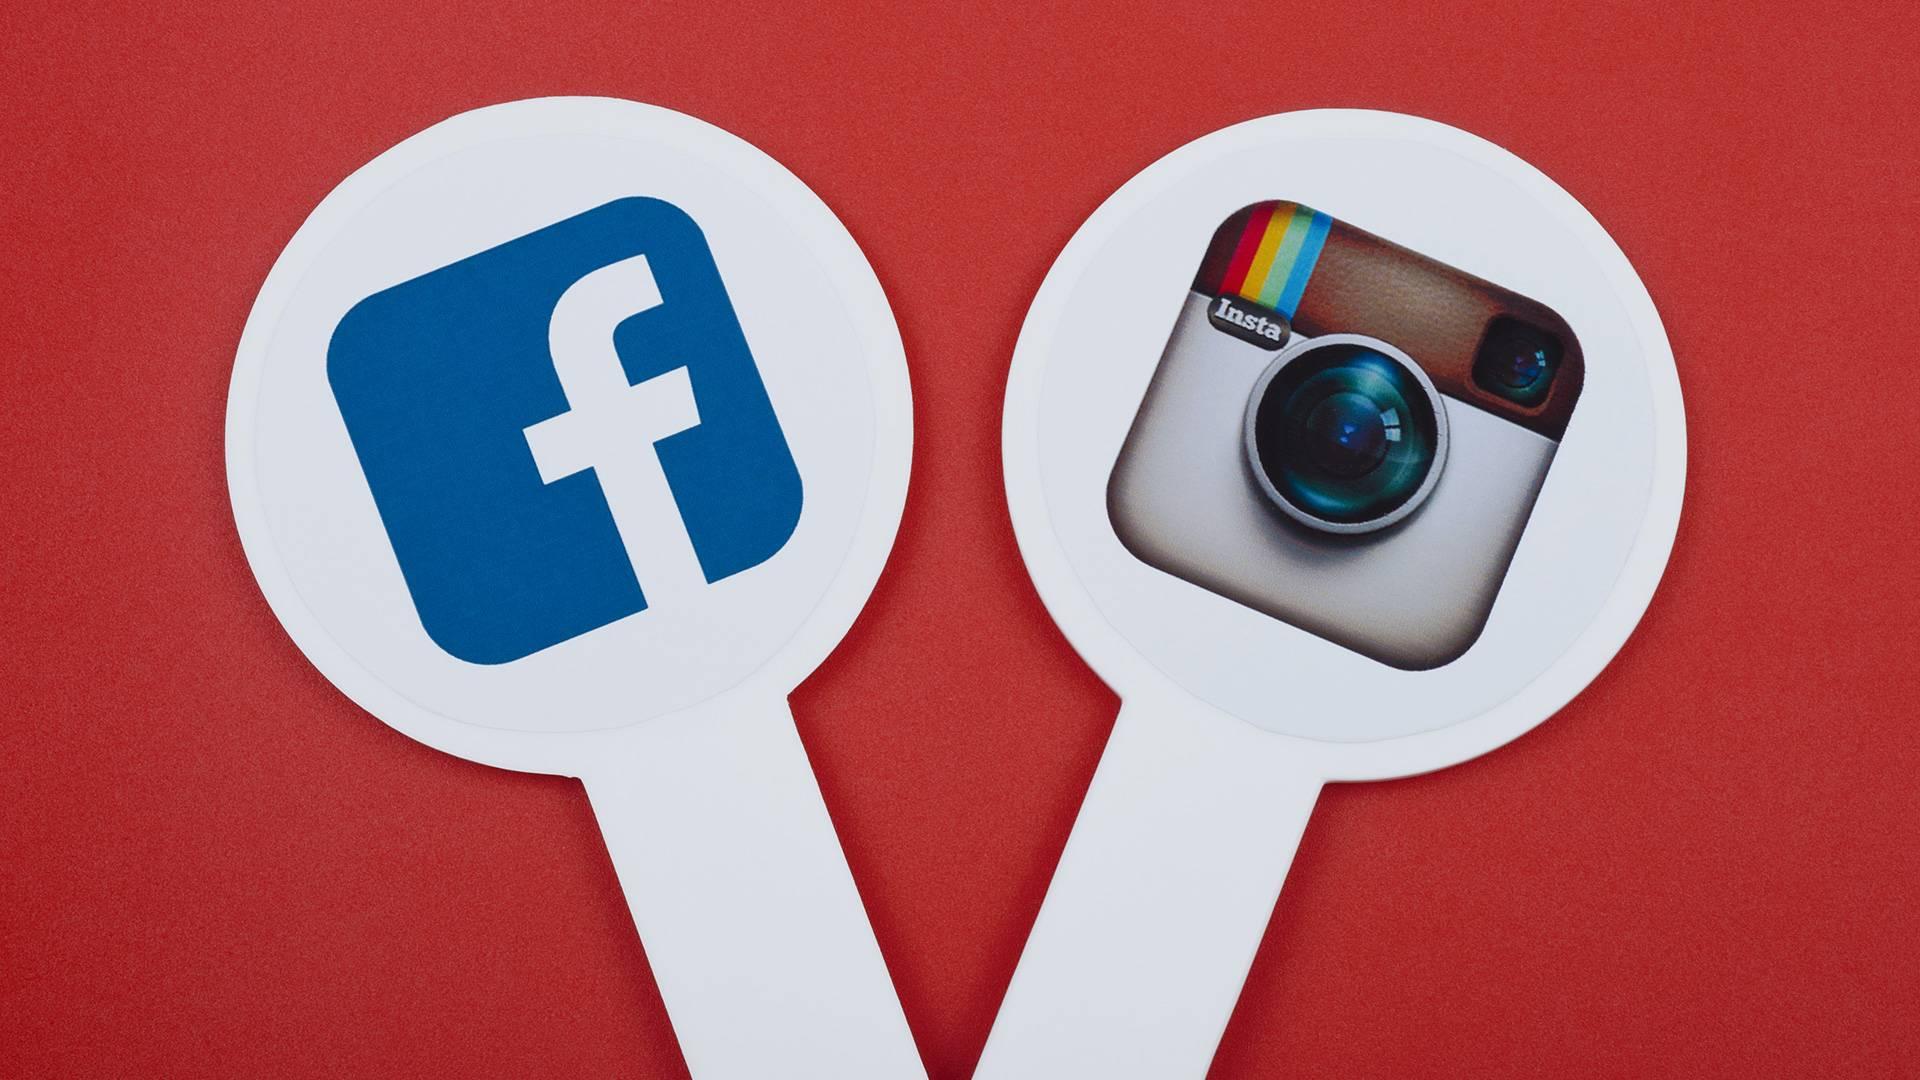 Якість відео буде знижена у Facebook та Instagram